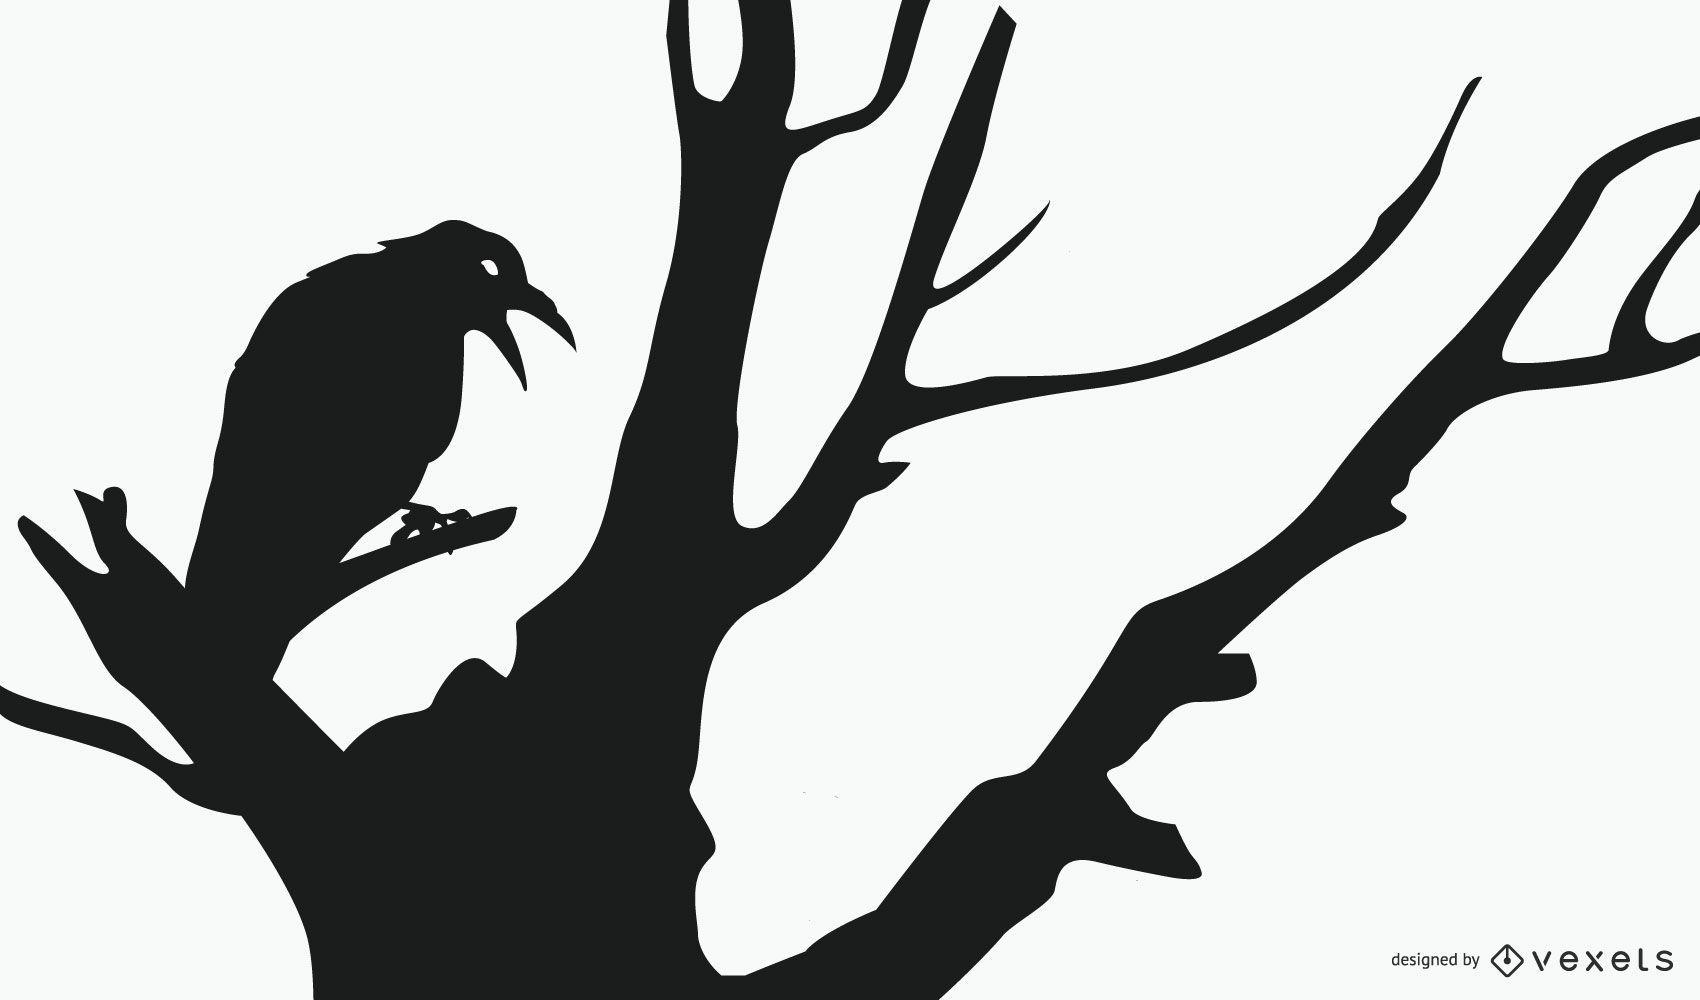 Cuervo en un dise?o de silueta de ?rbol